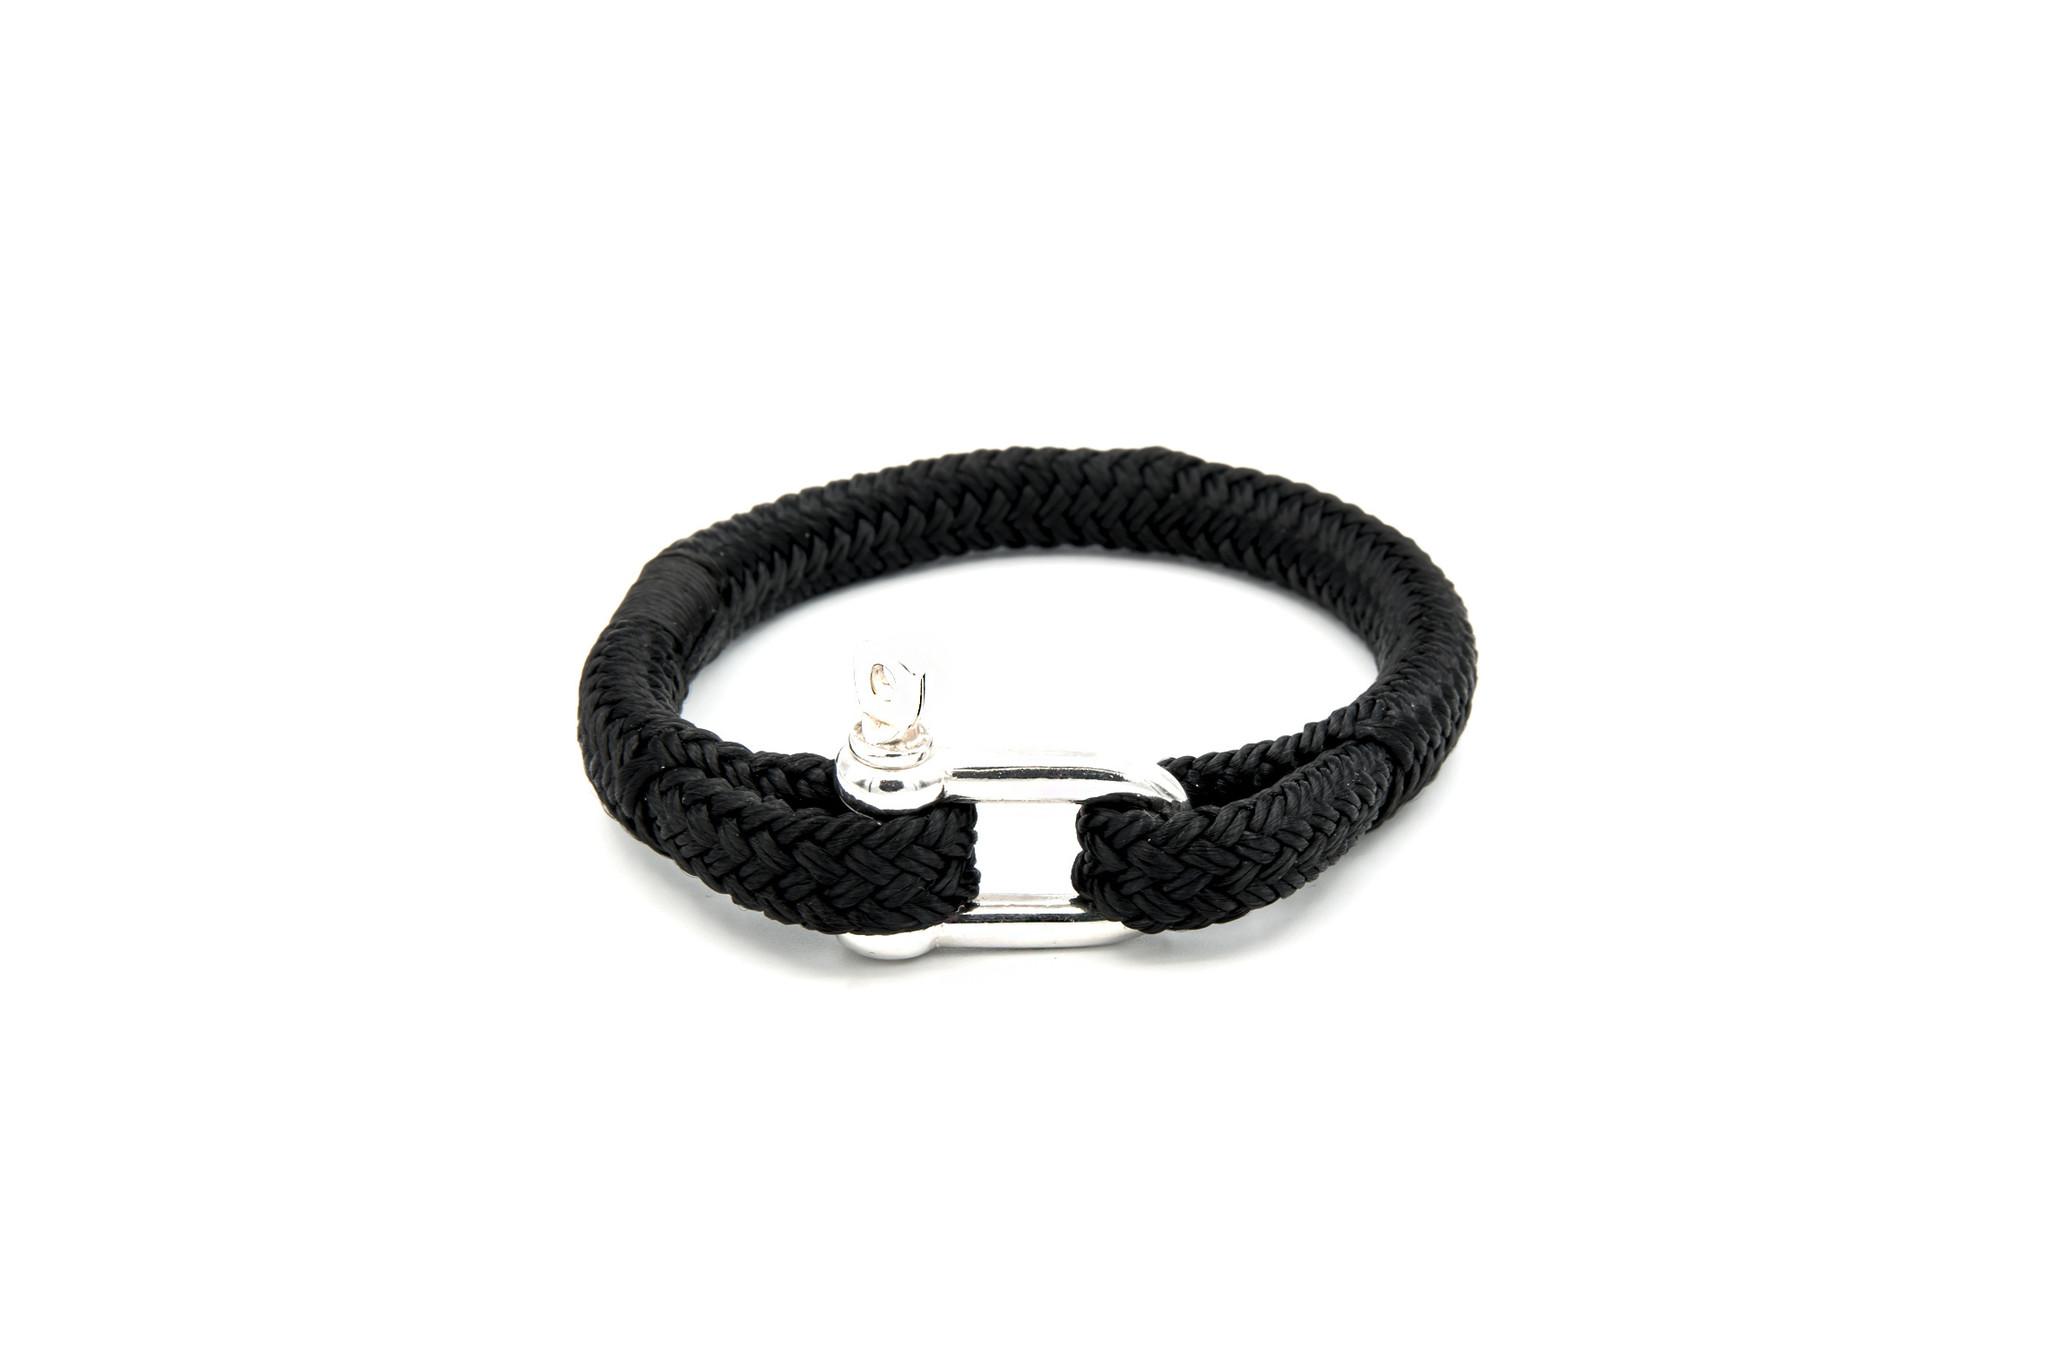 Armband marinekoord met shackle-8